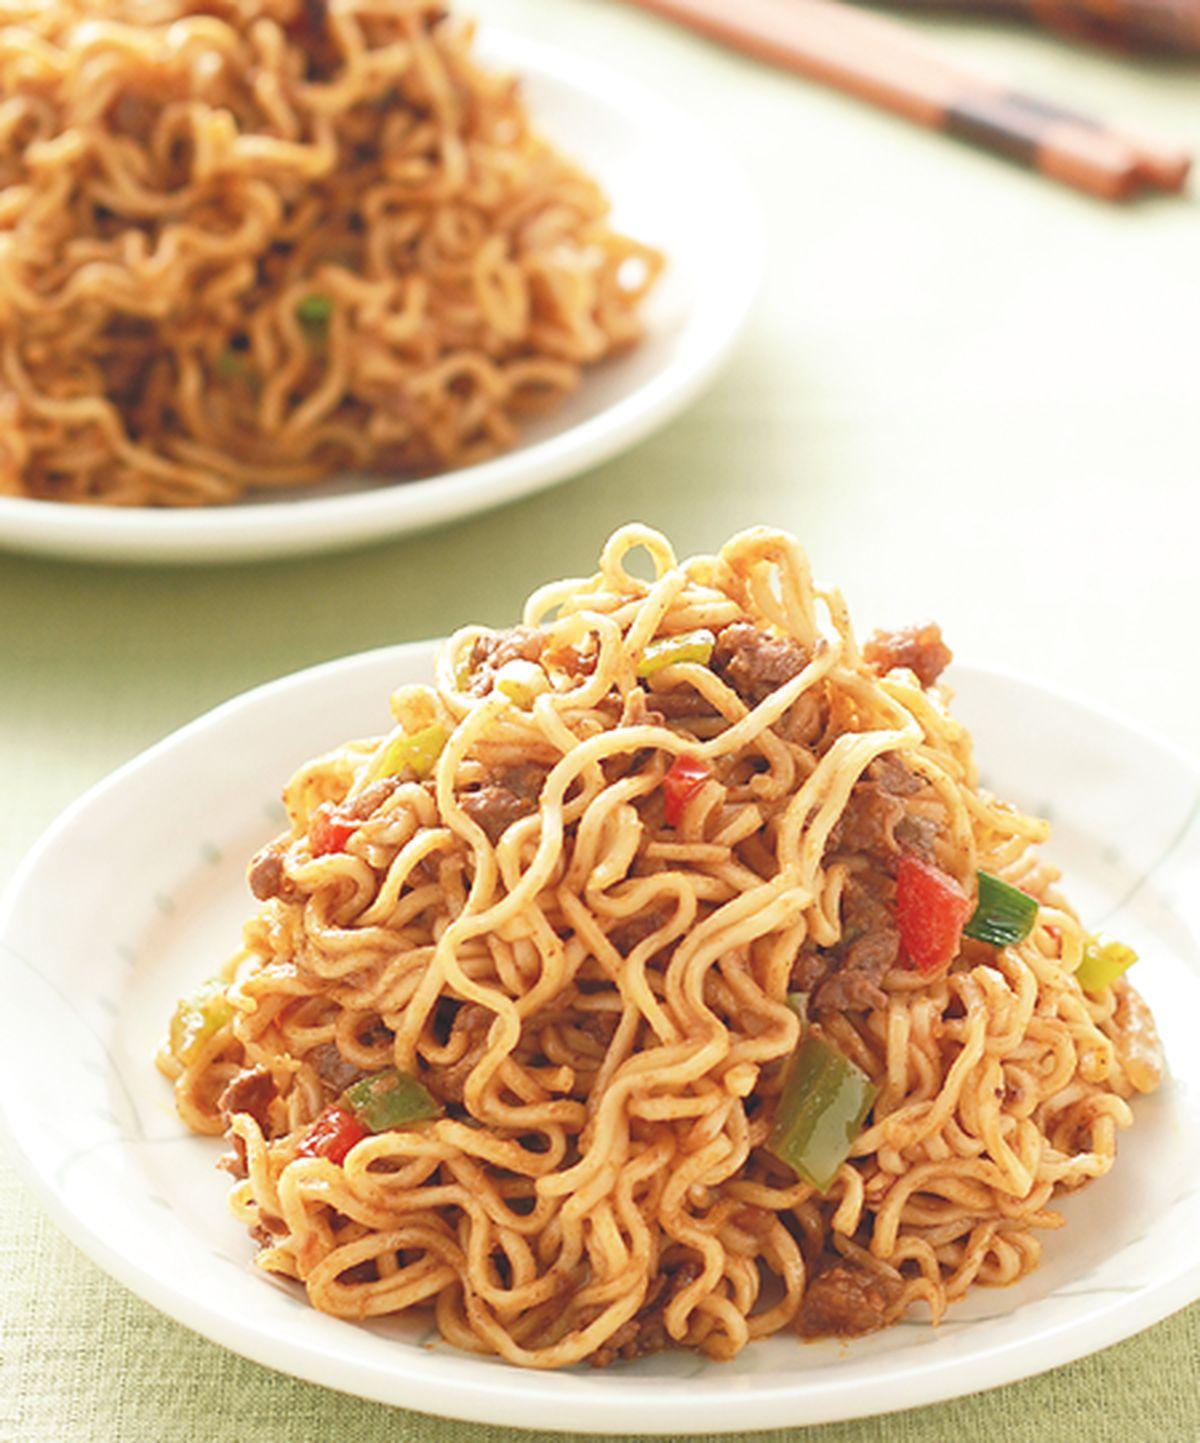 食譜:印尼沙嗲炒麵